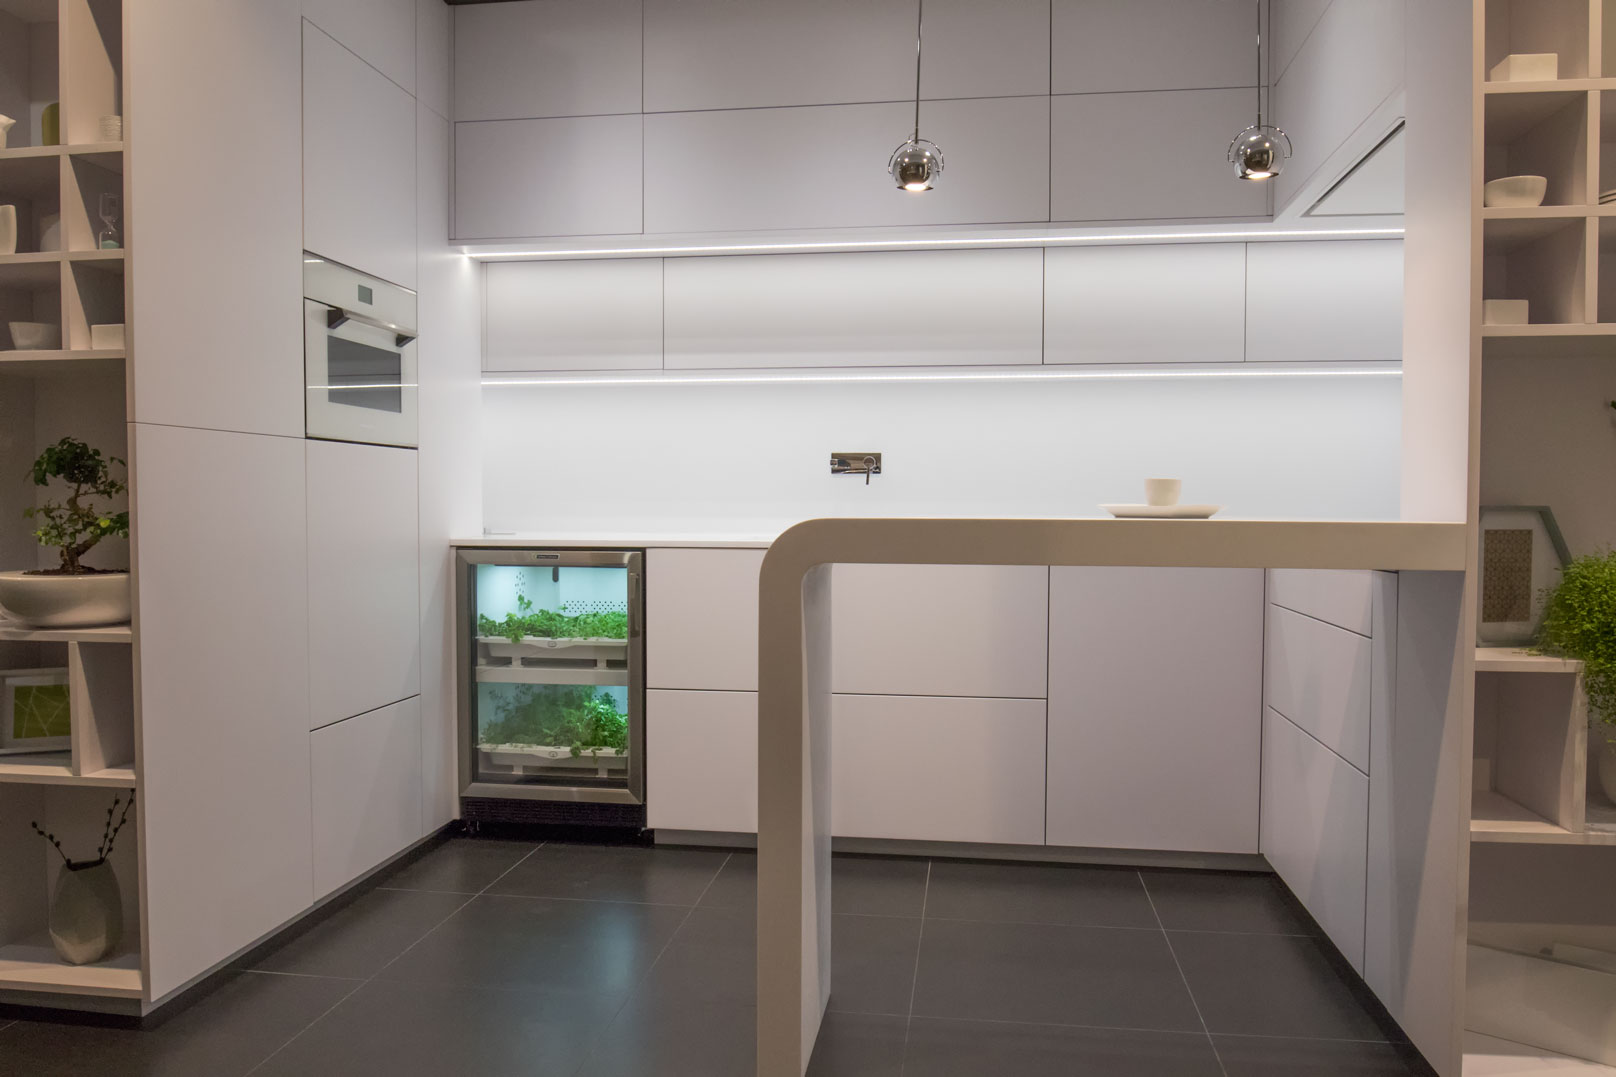 Corian, plan de travail cuisine - Armony cuisine La Garenne-Colombes